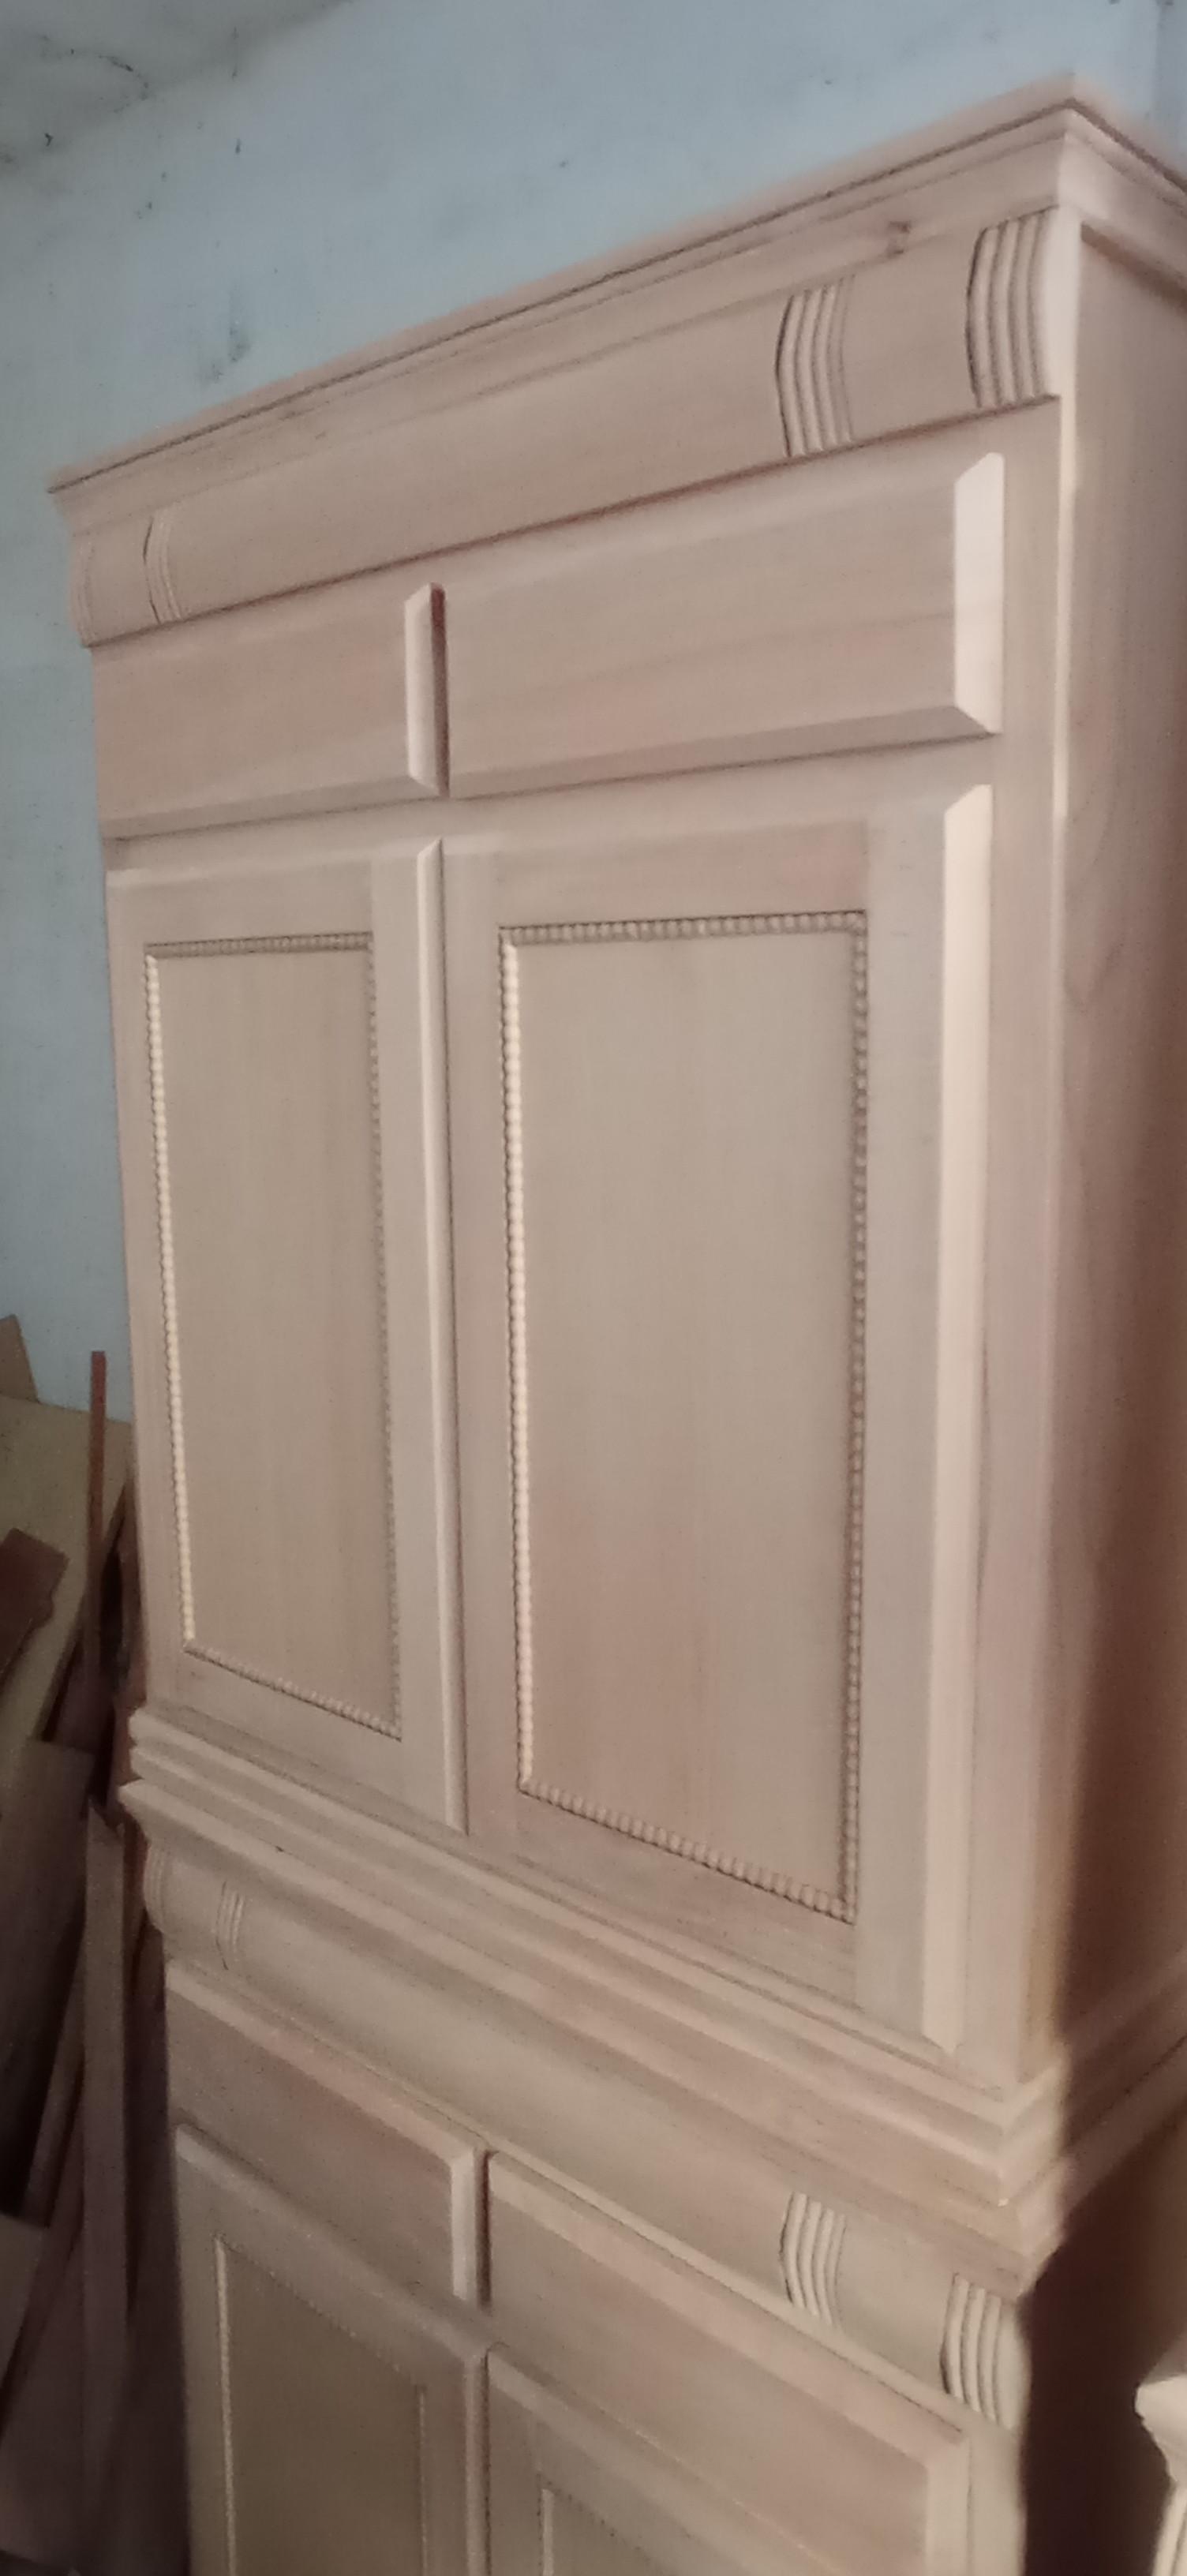 accessoires-pour-la-maison-en-bois